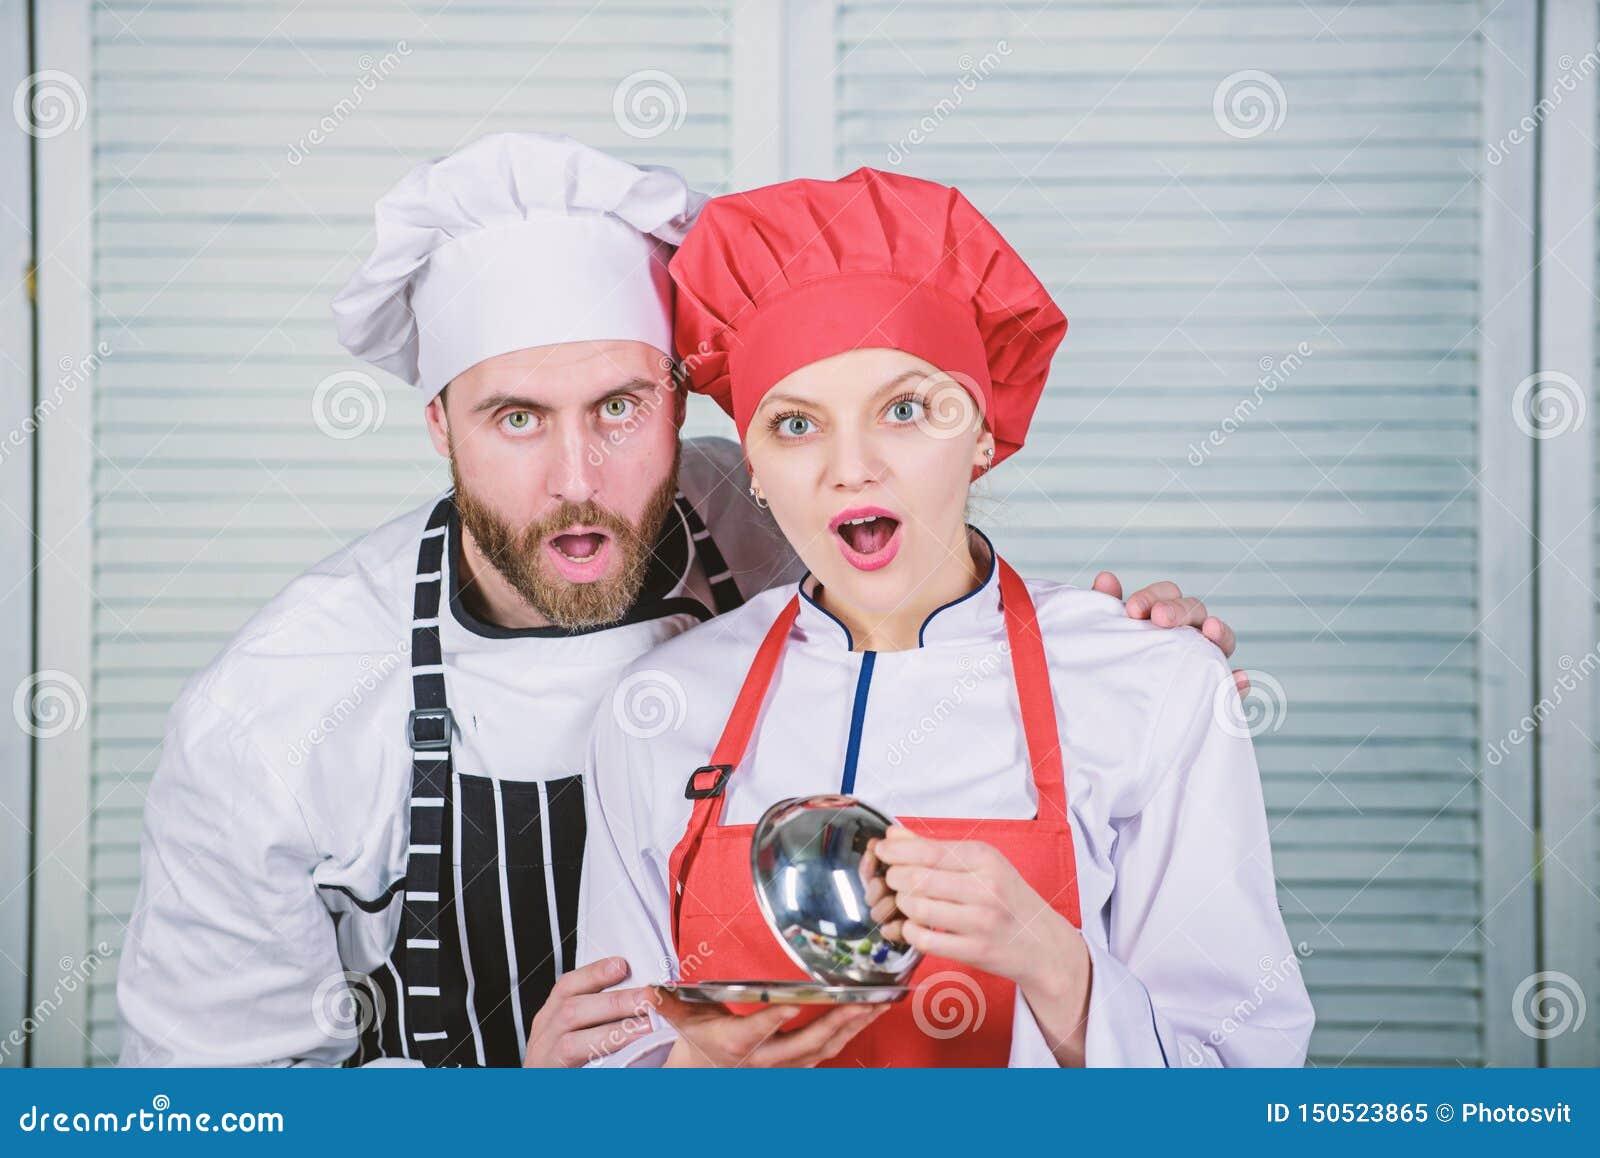 Hemlig ingrediens vid recept Kocklikformig par som ?r f?r?lskade med perfekt mat Menyplanl?ggning kulinarisk kokkonst familj